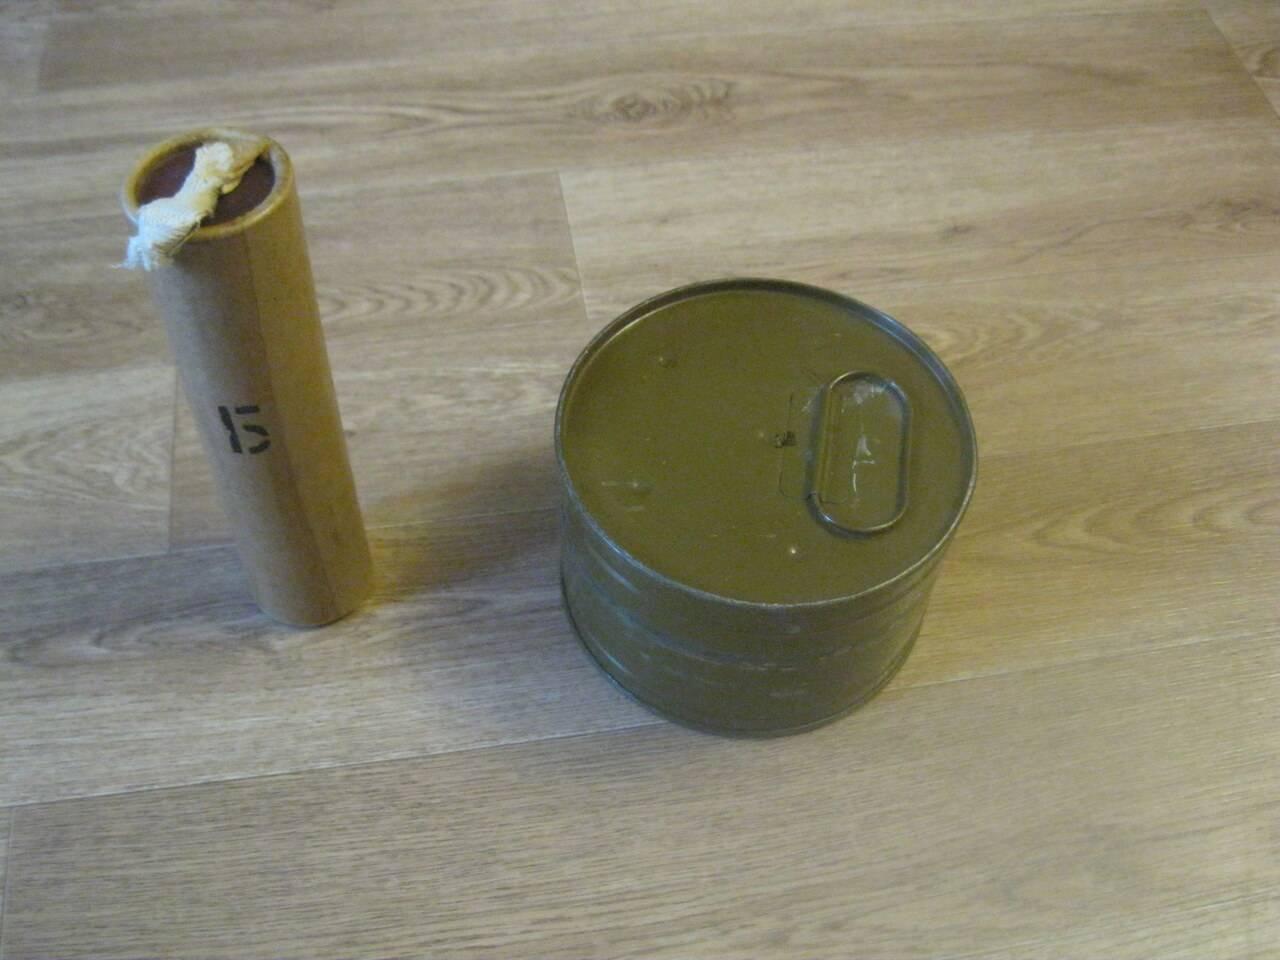 Дым как средство маскировки: как его применяют в армии - pcnews.ru